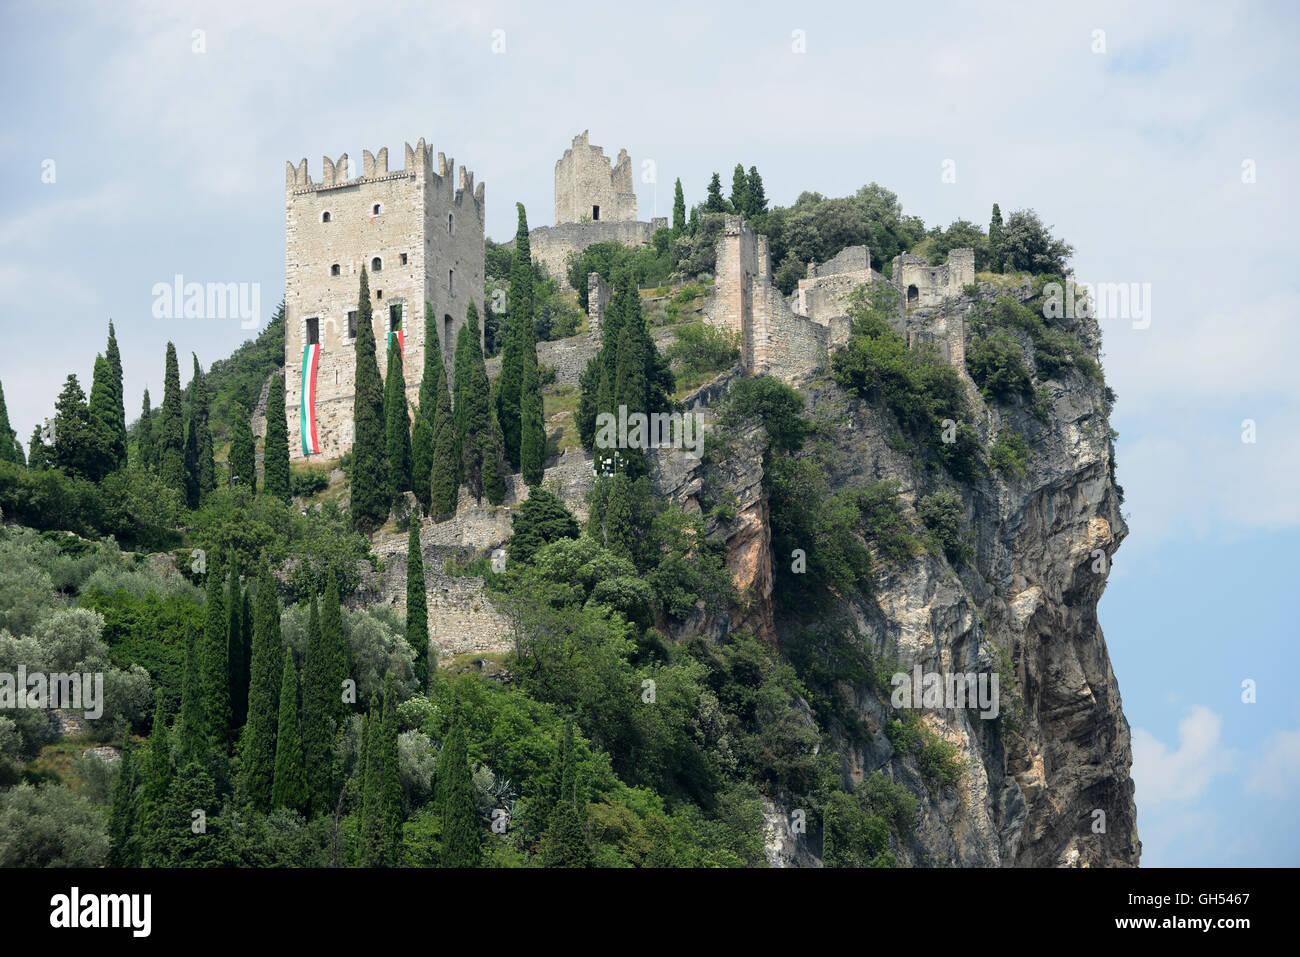 Castello di Arco - Ruined Arco Castle (Trentino, Italy) - Stock Image